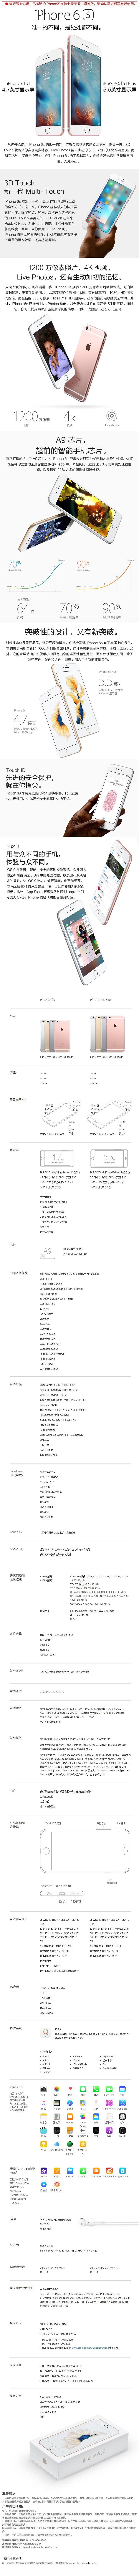 【我要买这个_手机】Apple 苹果 iPhone 6s 智能手机 64G 玫瑰金